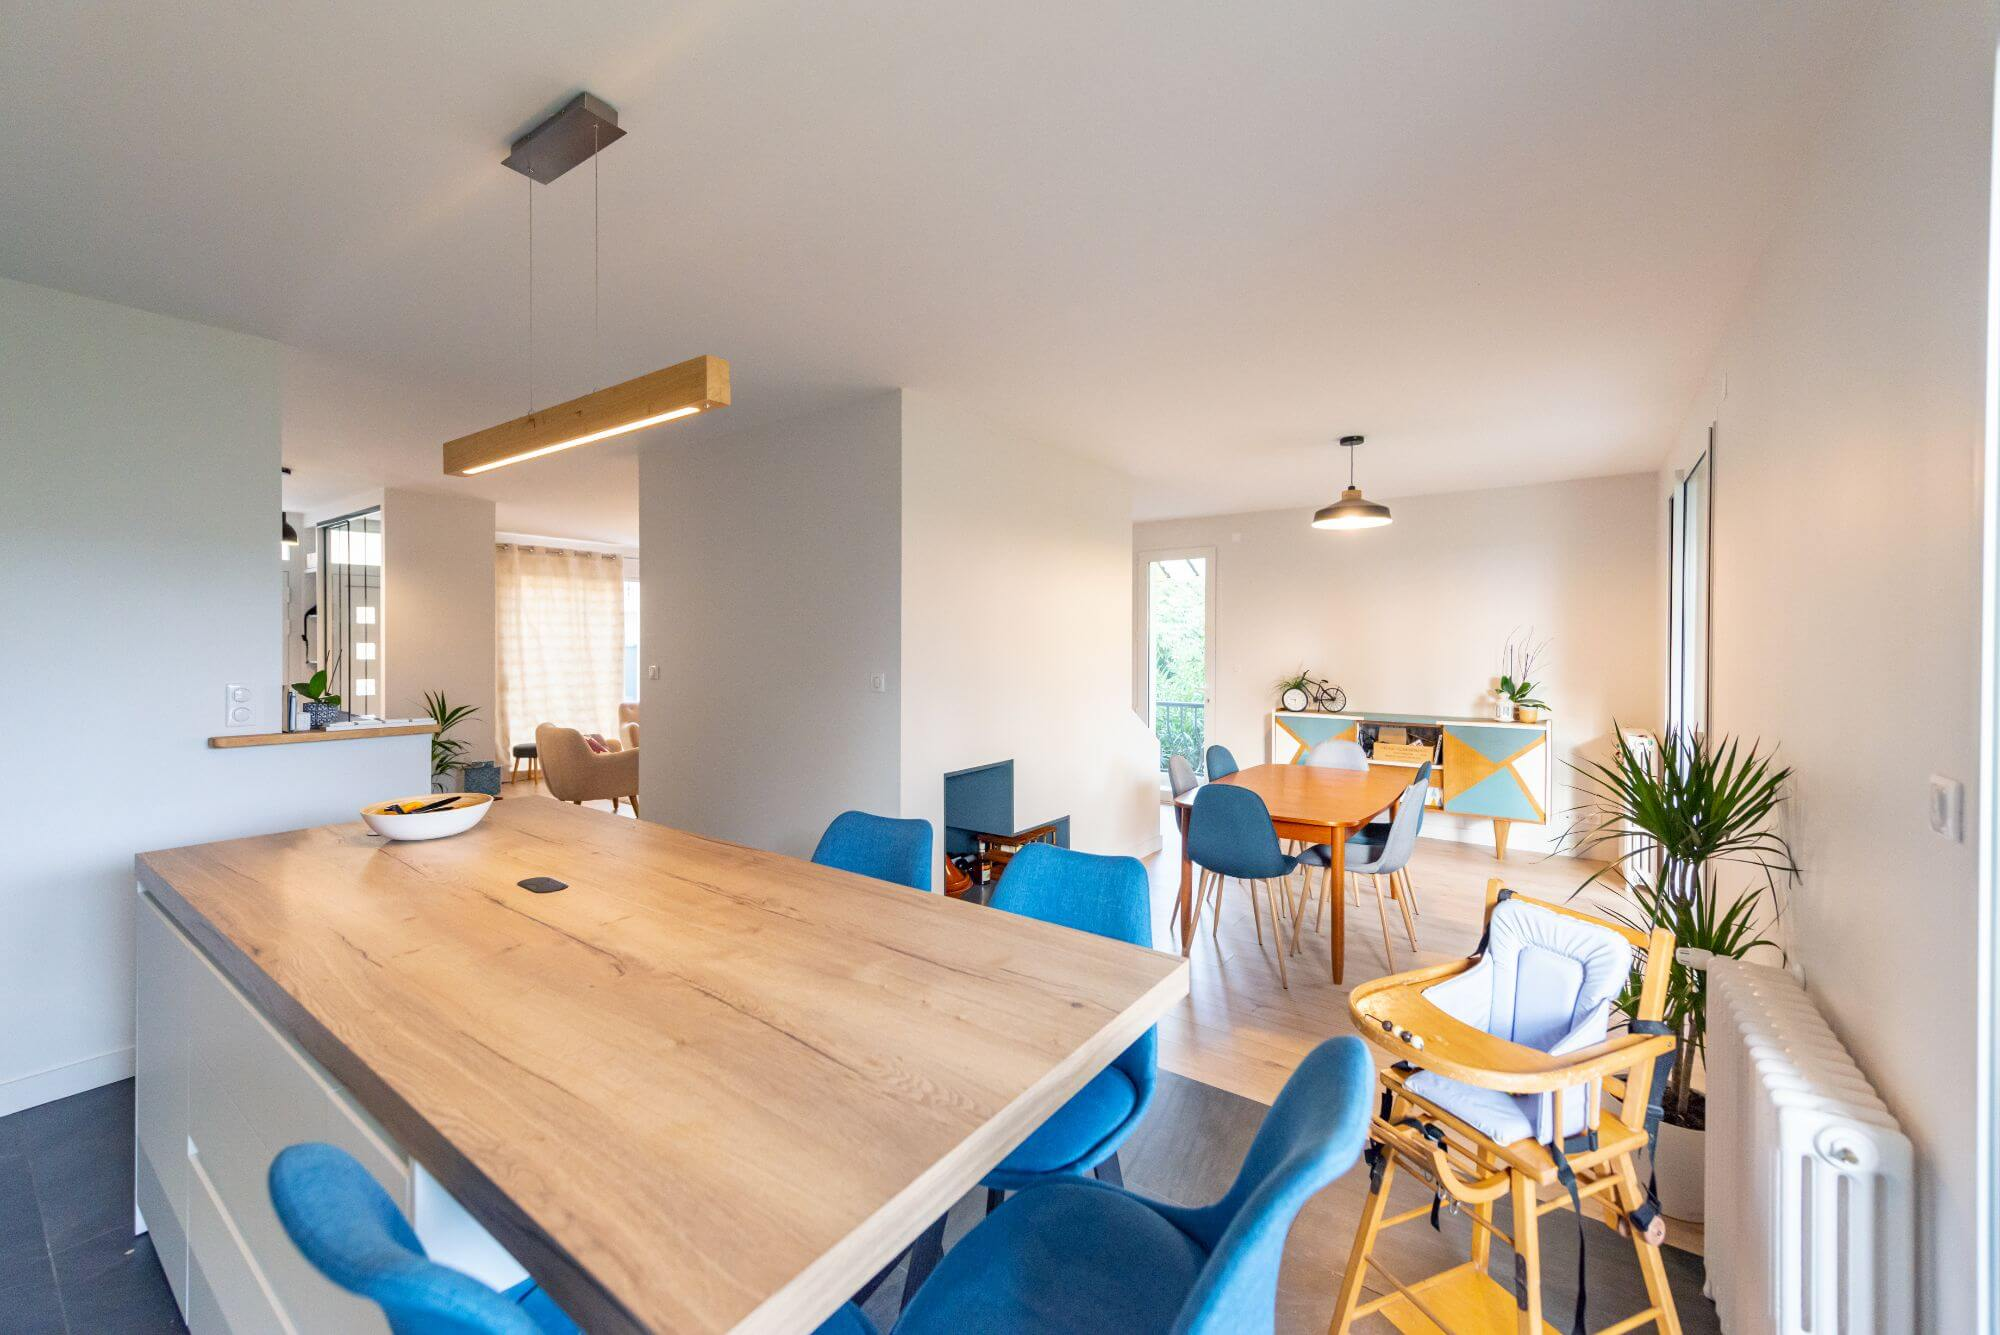 Maison, Rénovation, Rangueil, Cuisine, Salon, Revetements